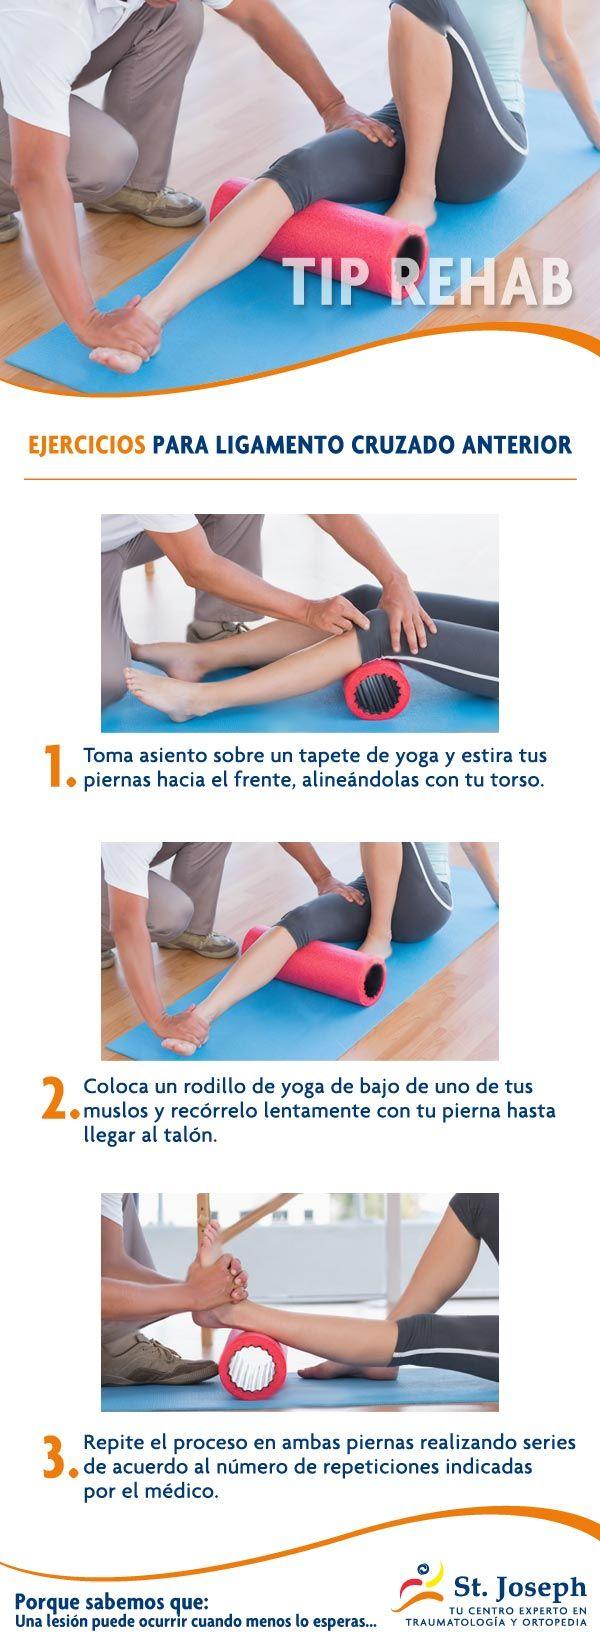 EJERCICIOS PARA LIGAMENTO CRUZADO ANTERIOR.  Toma asiento sobre un tapete de yoga y estira tus piernas hacia el frente, alineándolas con tu torso. Coloca un rodillo de yoga de bajo de uno de tus muslos y recórrelo lentamente con tu pierna hasta llegar al talón. Repite el proceso en ambas piernas realizando series de acuerdo al número de repeticiones indicadas por el médico.